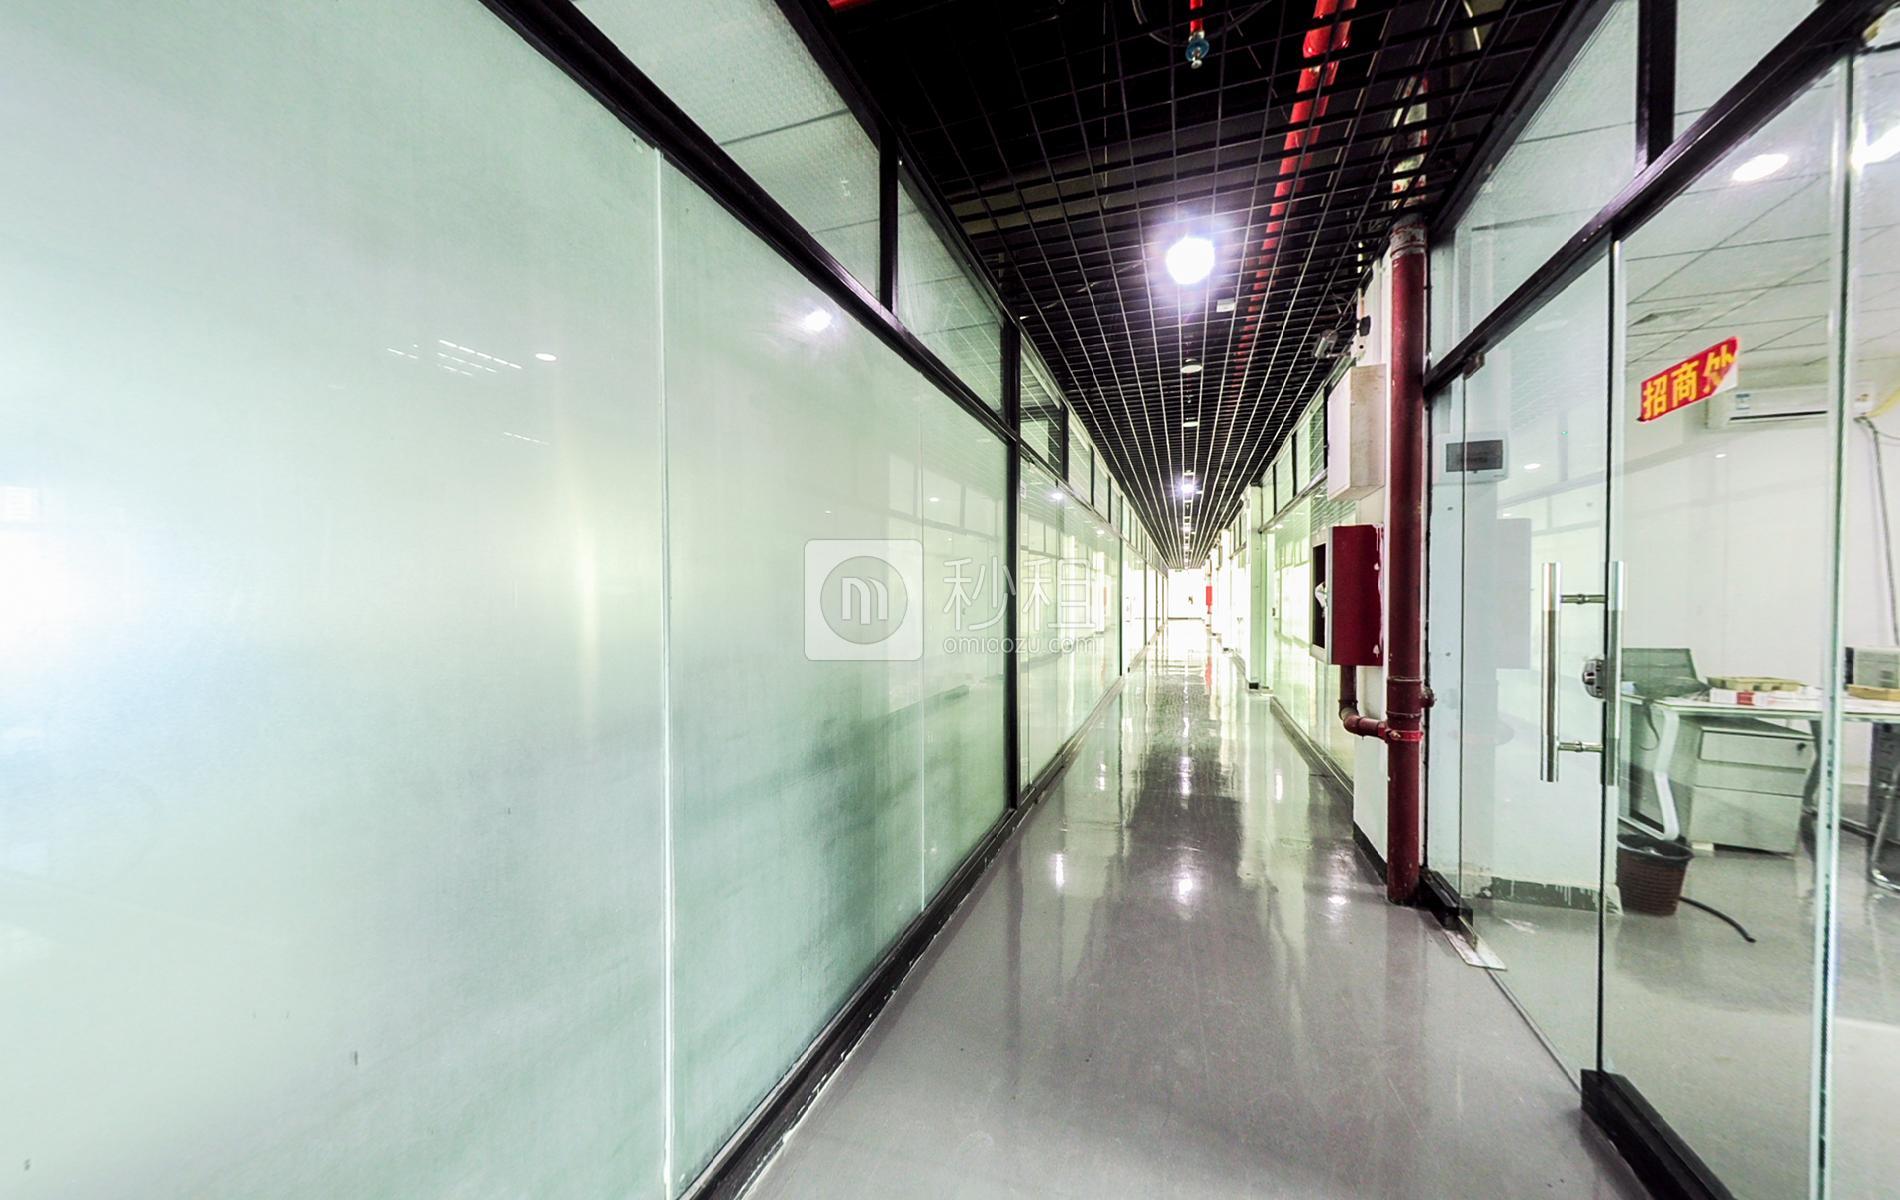 洪盛科技园写字楼出租/招租/租赁,洪盛科技园办公室出租/招租/租赁